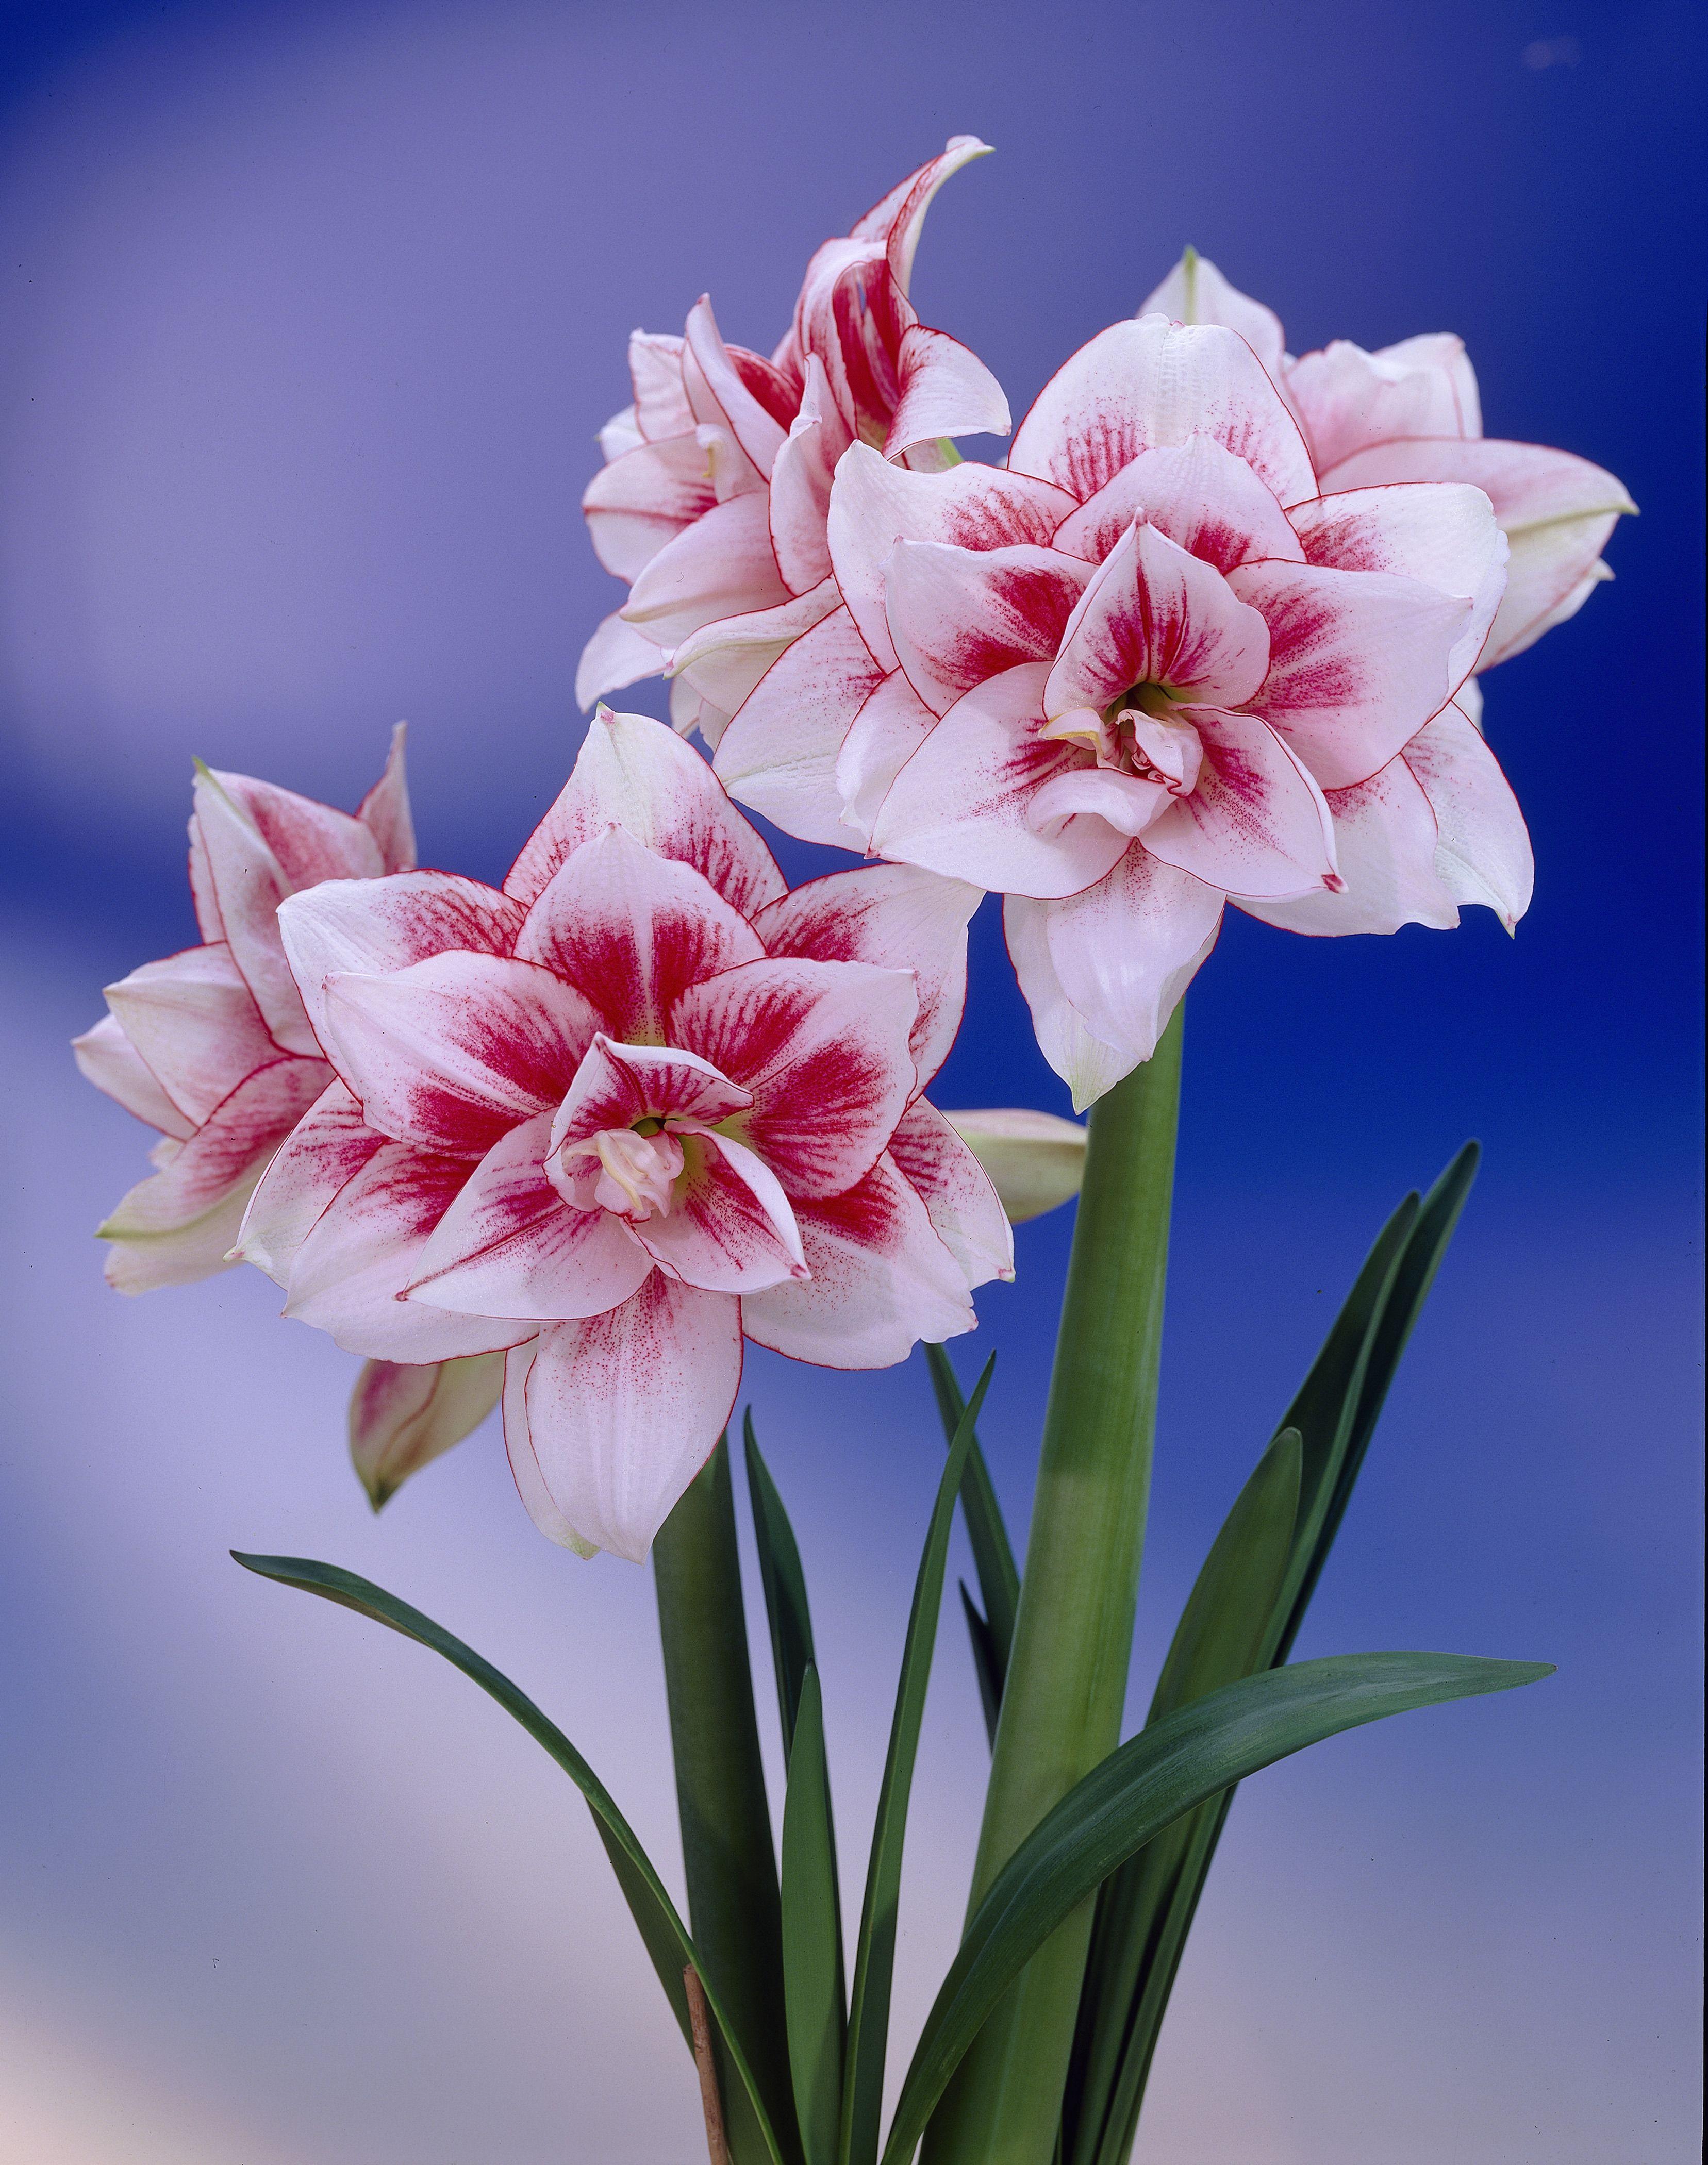 Our Favorite Flowers American Meadows Blog Indoor Flowers